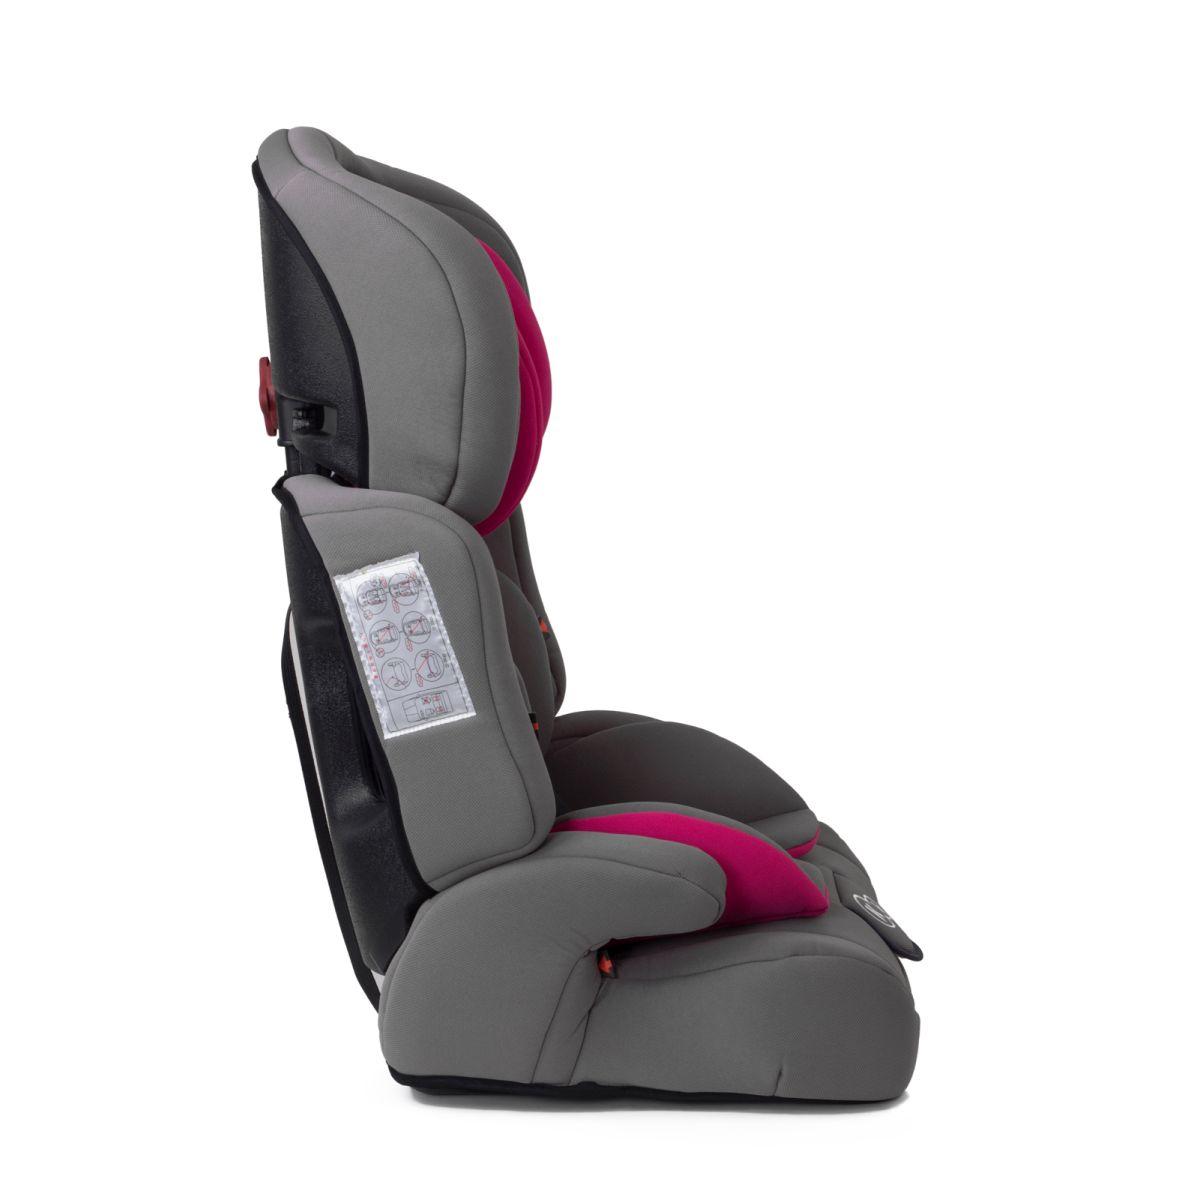 si ge de voiture pour enfant b b chaise 9 36 kg comfort up rose ebay. Black Bedroom Furniture Sets. Home Design Ideas